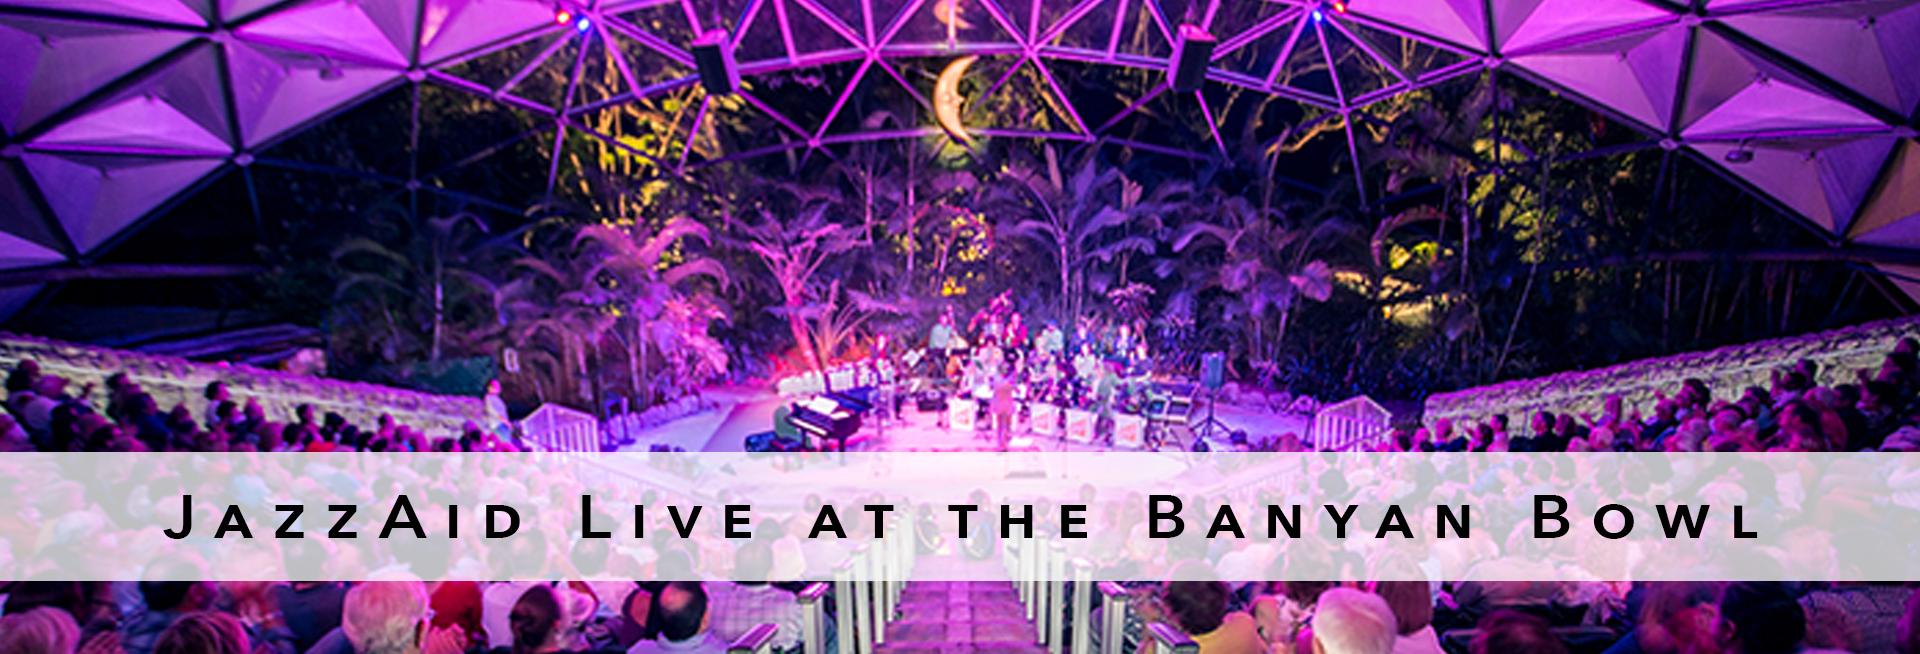 JazzAid Live at the Banyan Bowl